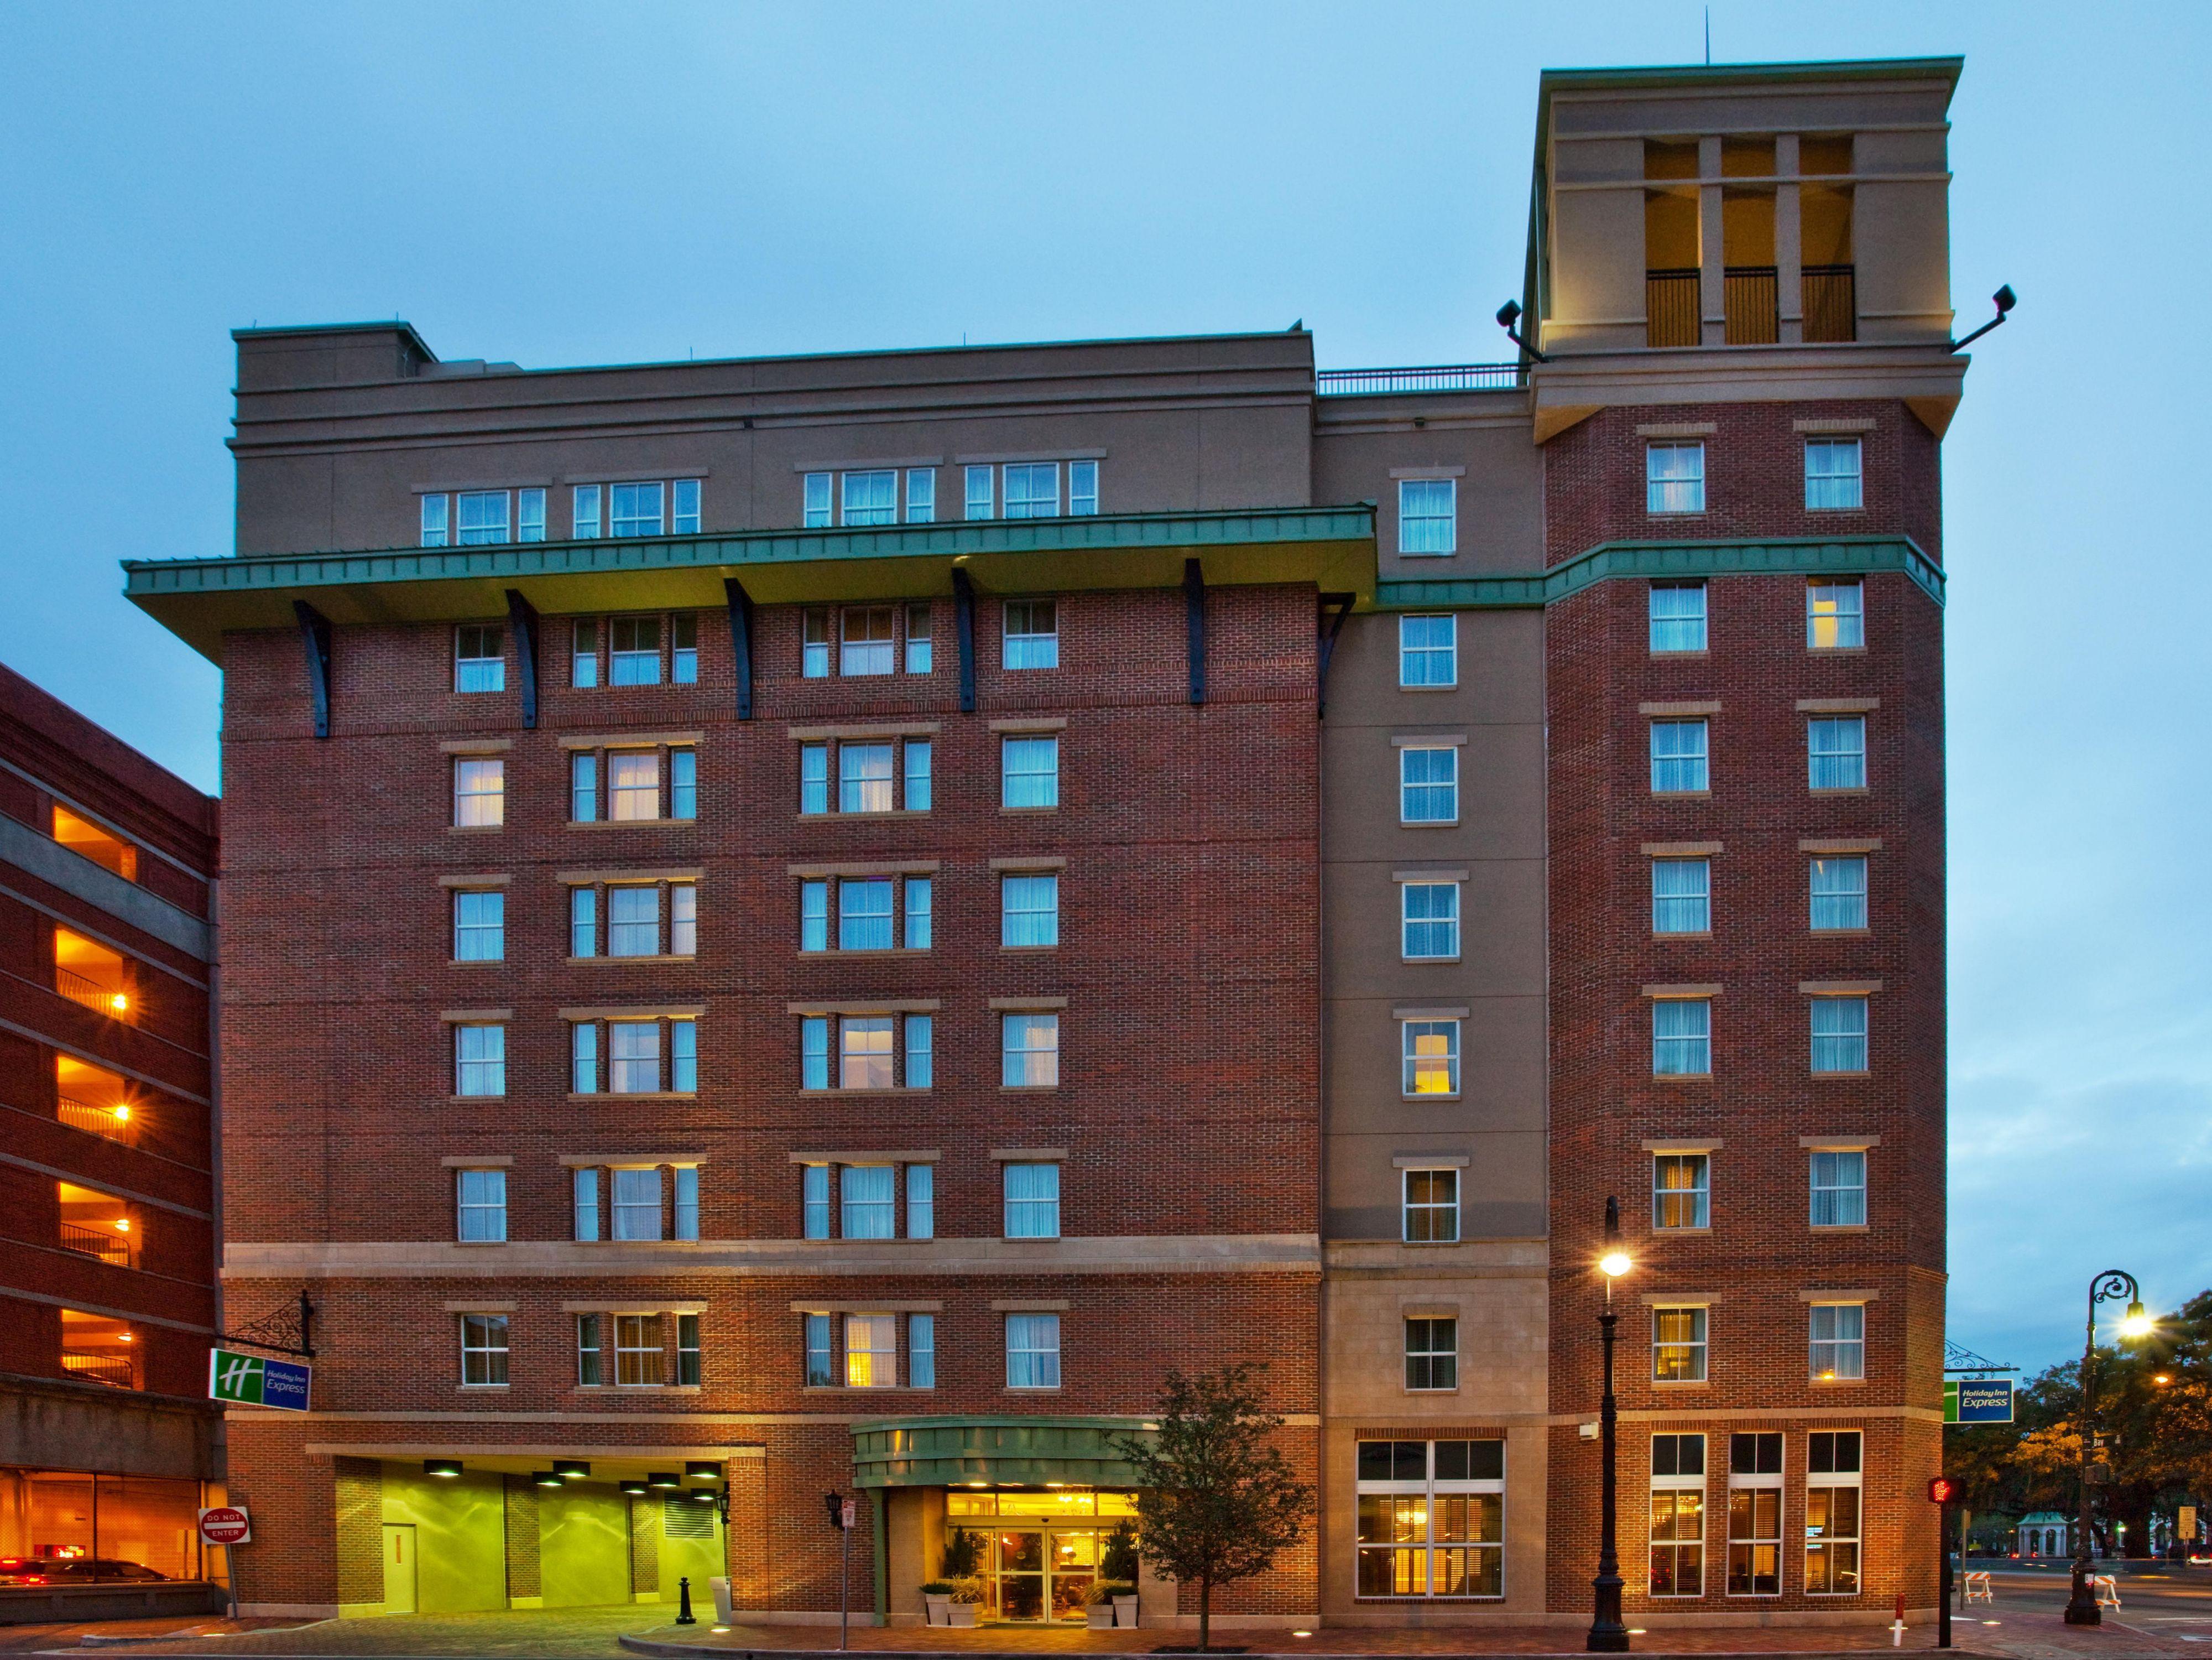 Staybridge Suites Savannah Historic District Savannah Historic District Savannah Hotels Savannah Chat